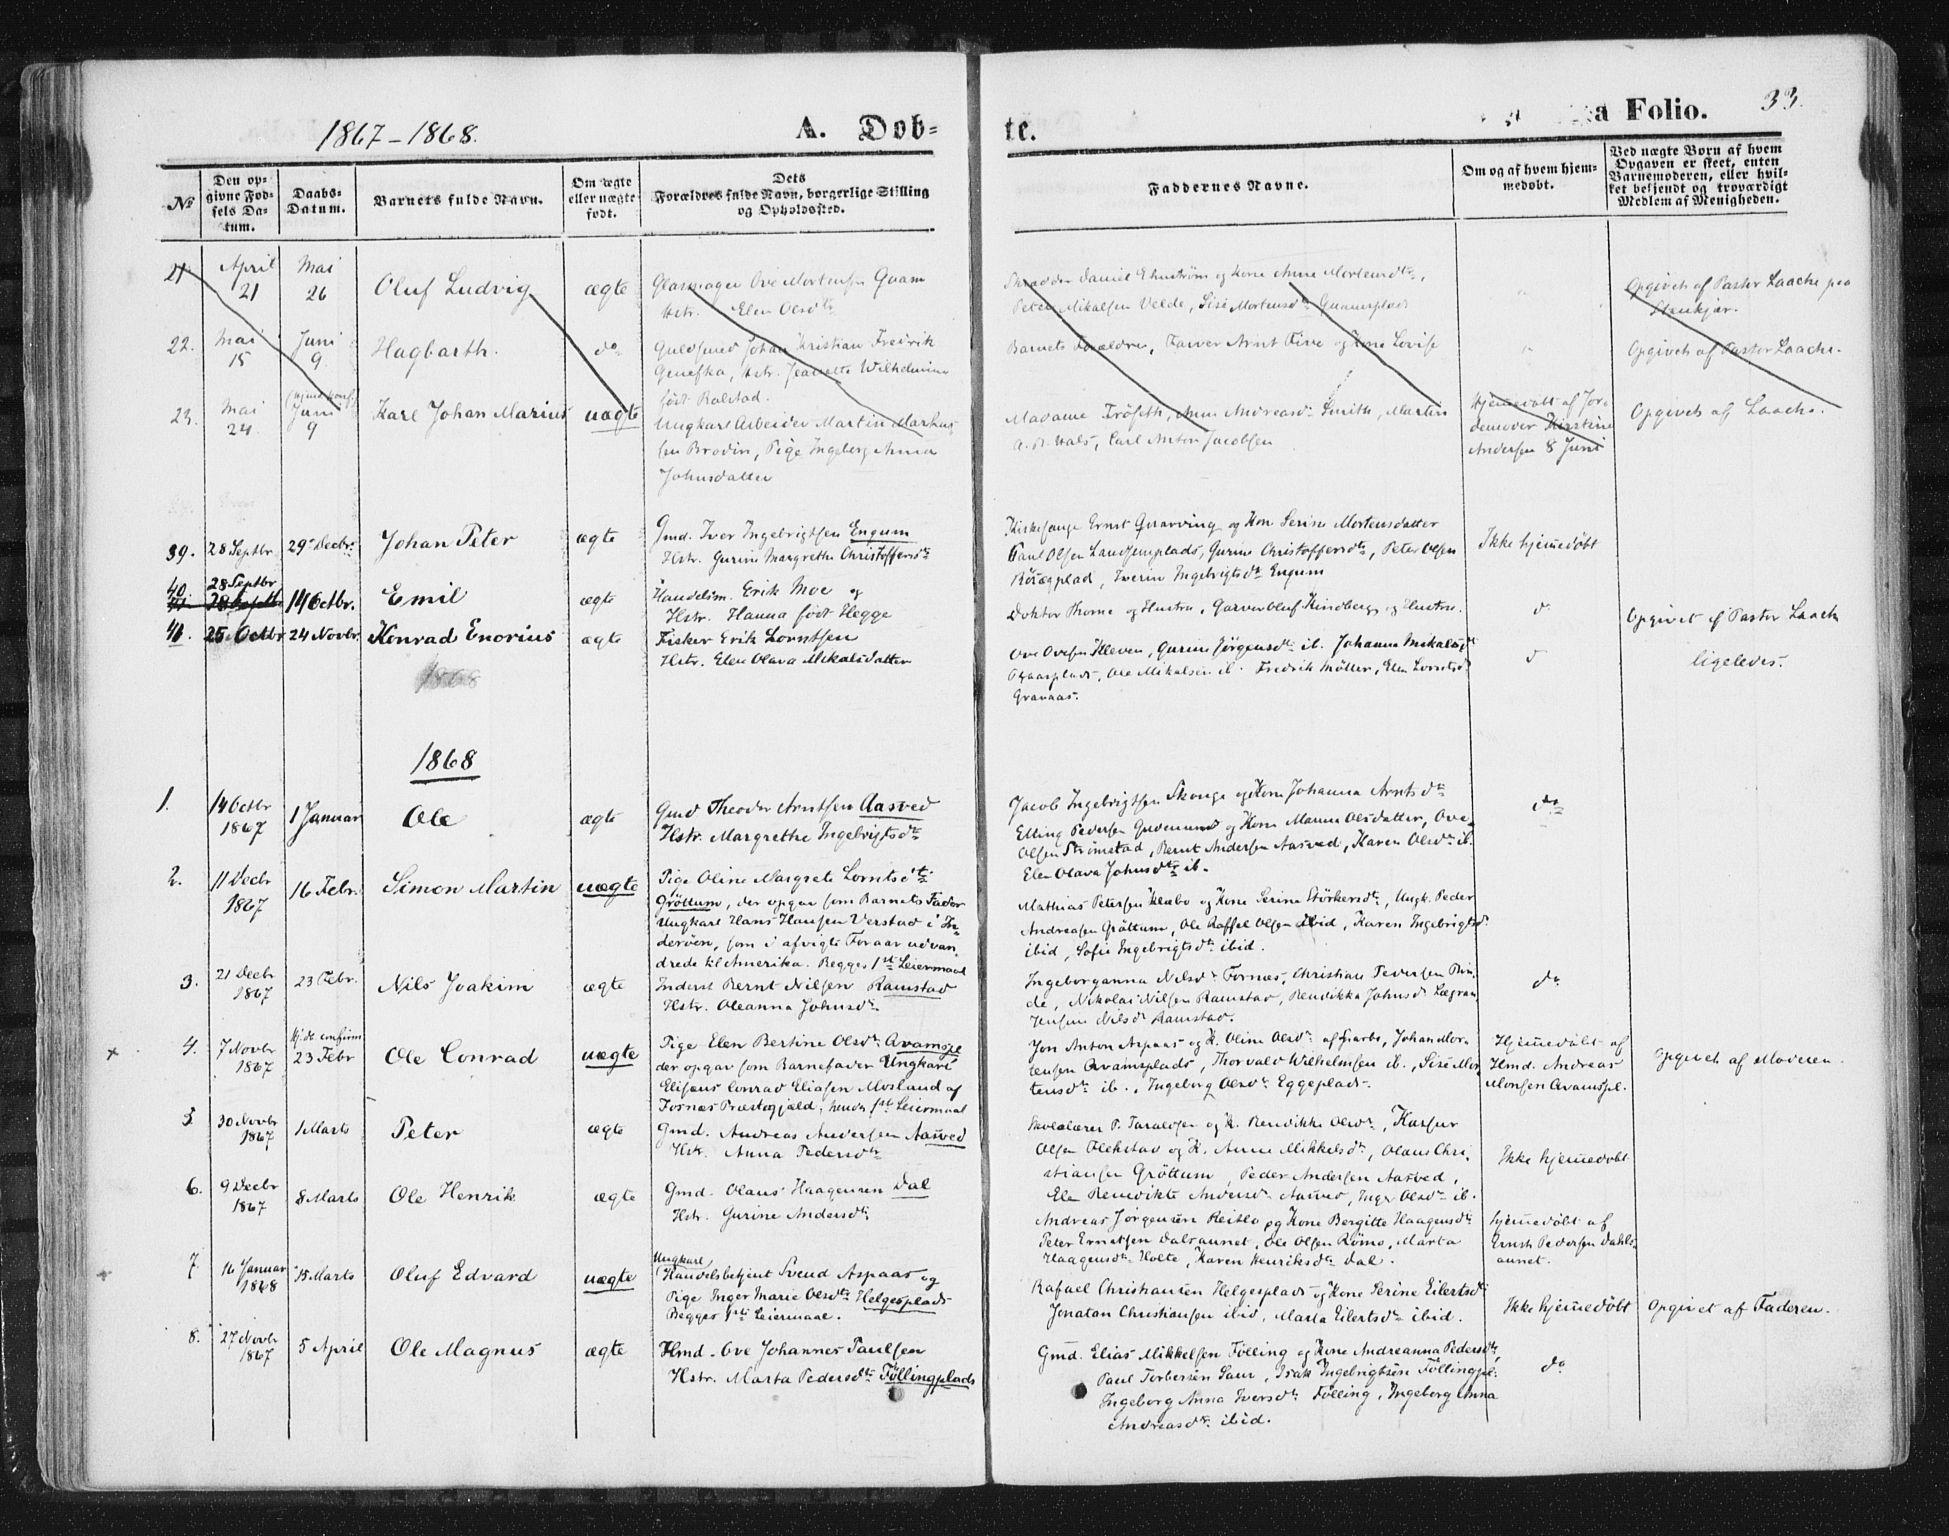 SAT, Ministerialprotokoller, klokkerbøker og fødselsregistre - Nord-Trøndelag, 746/L0447: Ministerialbok nr. 746A06, 1860-1877, s. 33